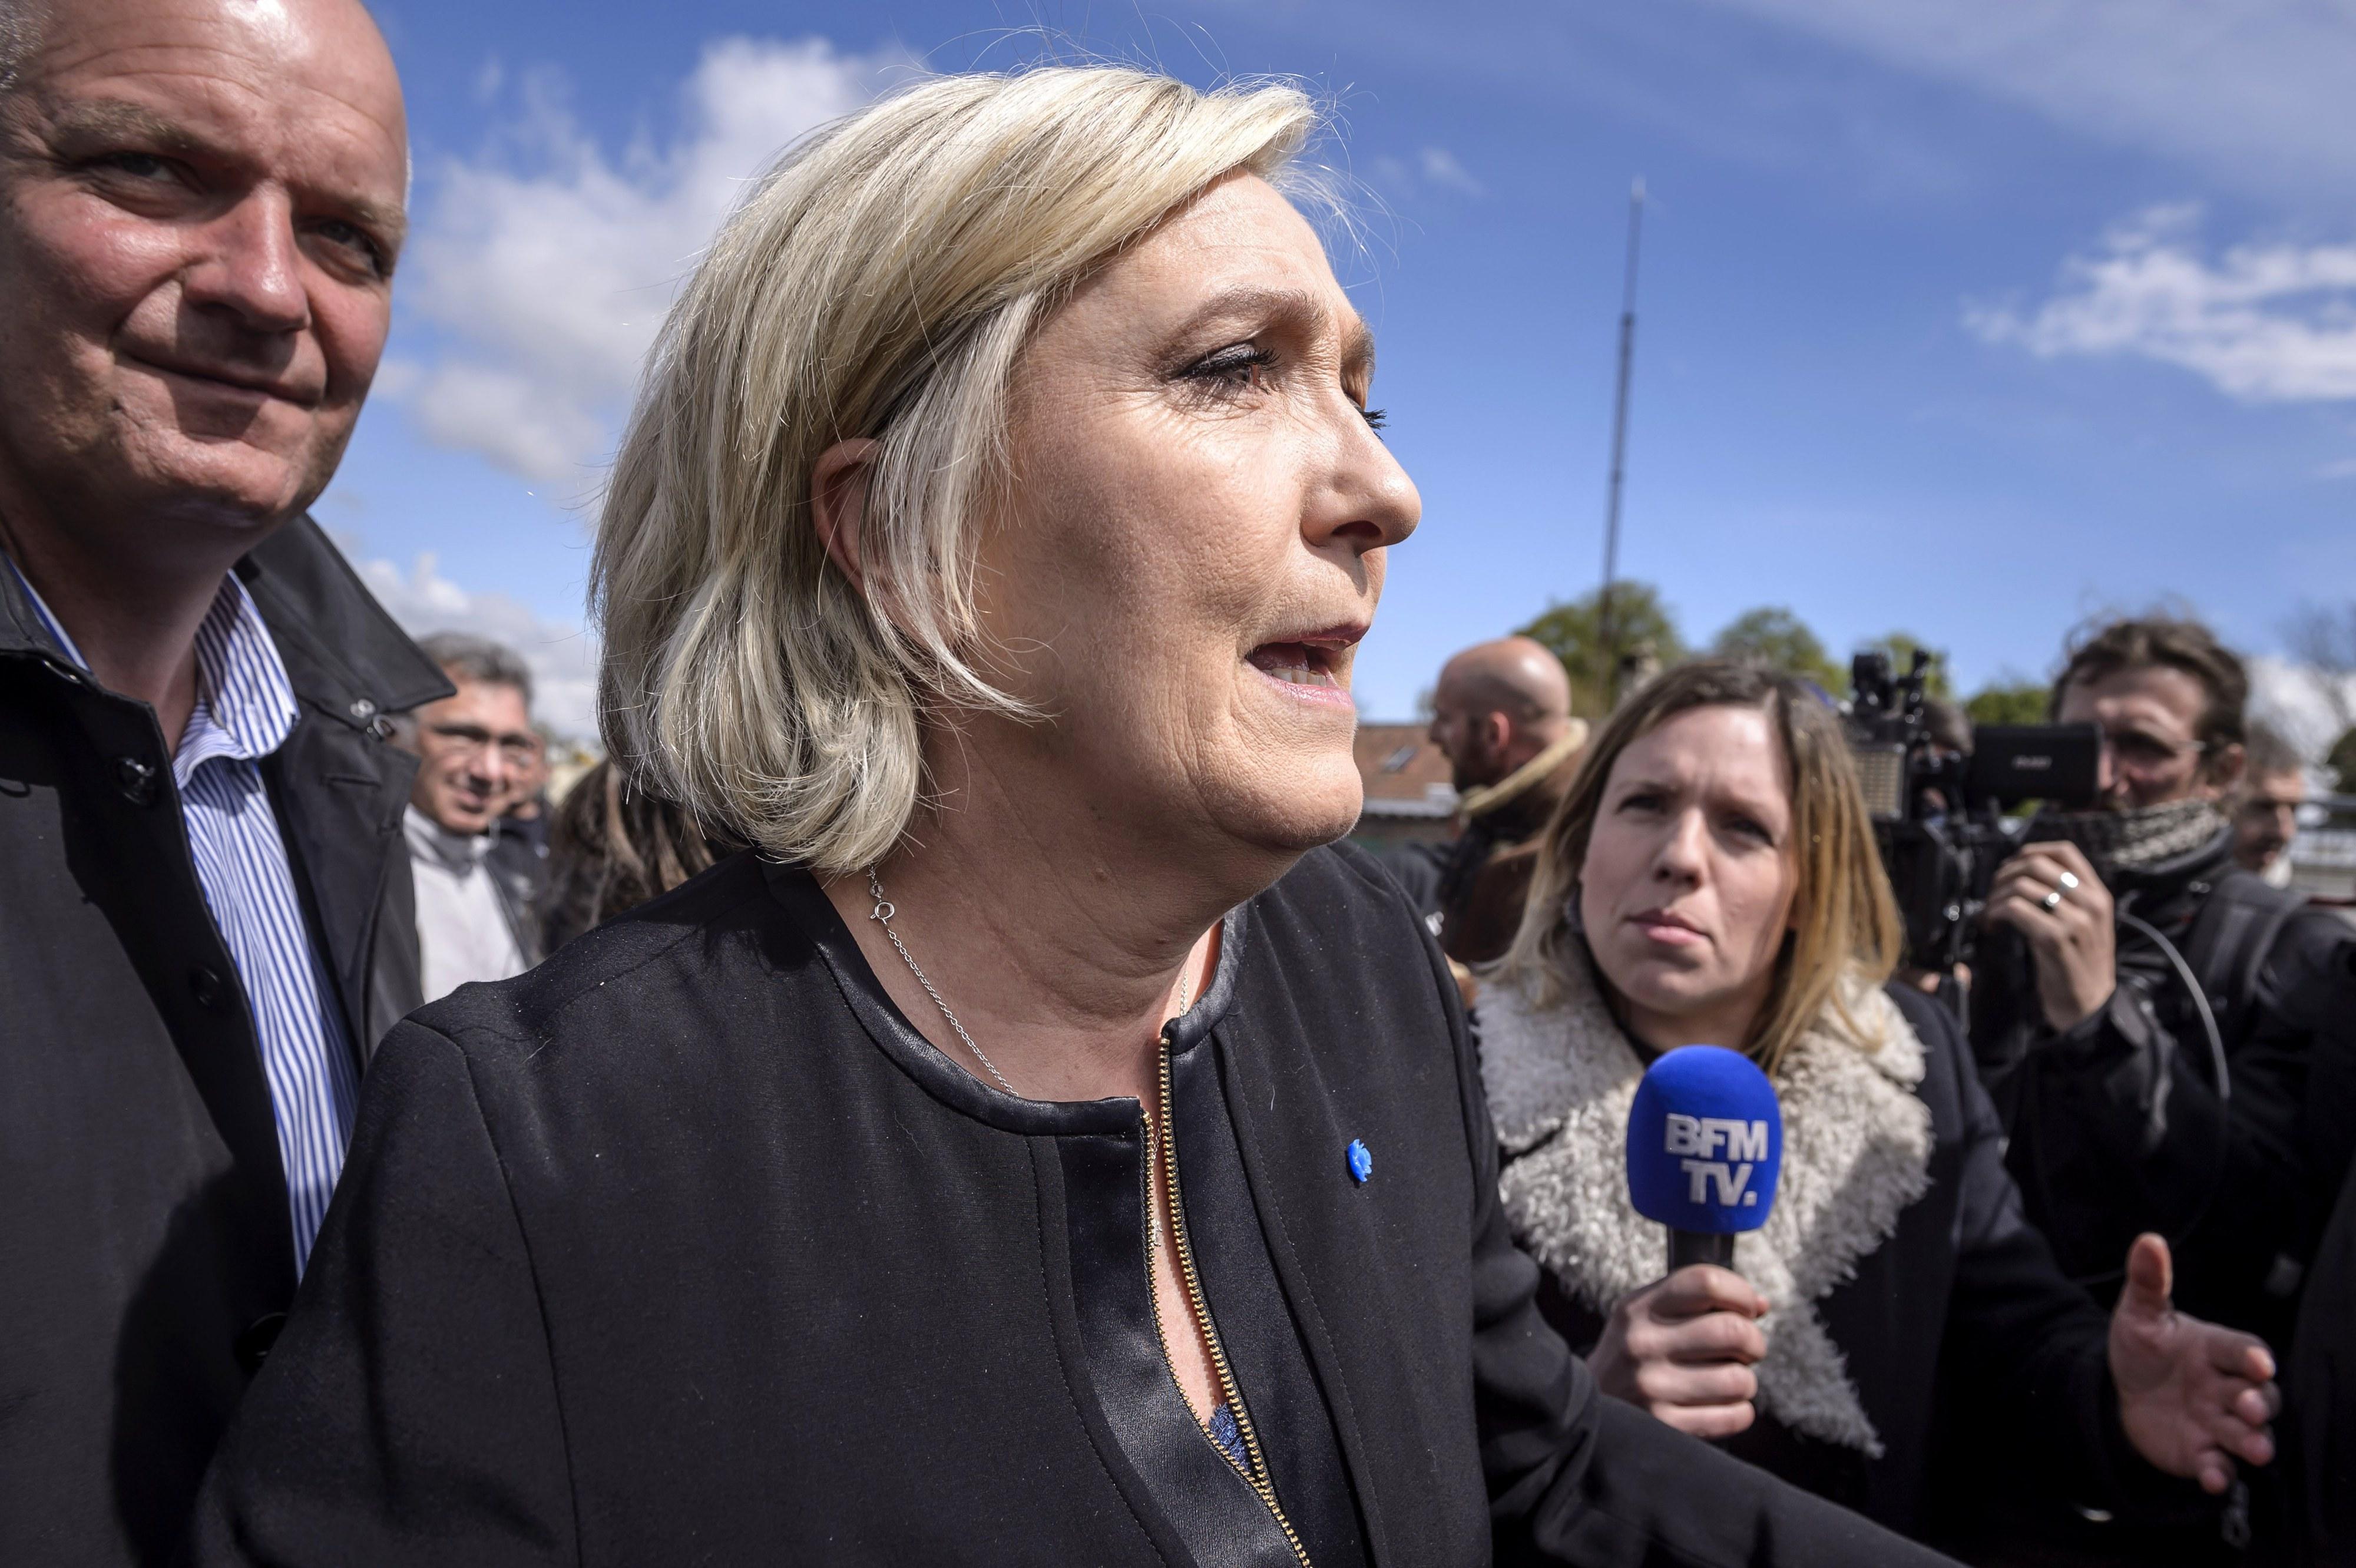 França: Le Pen aparece de surpresa em fábrica visitada por Macron